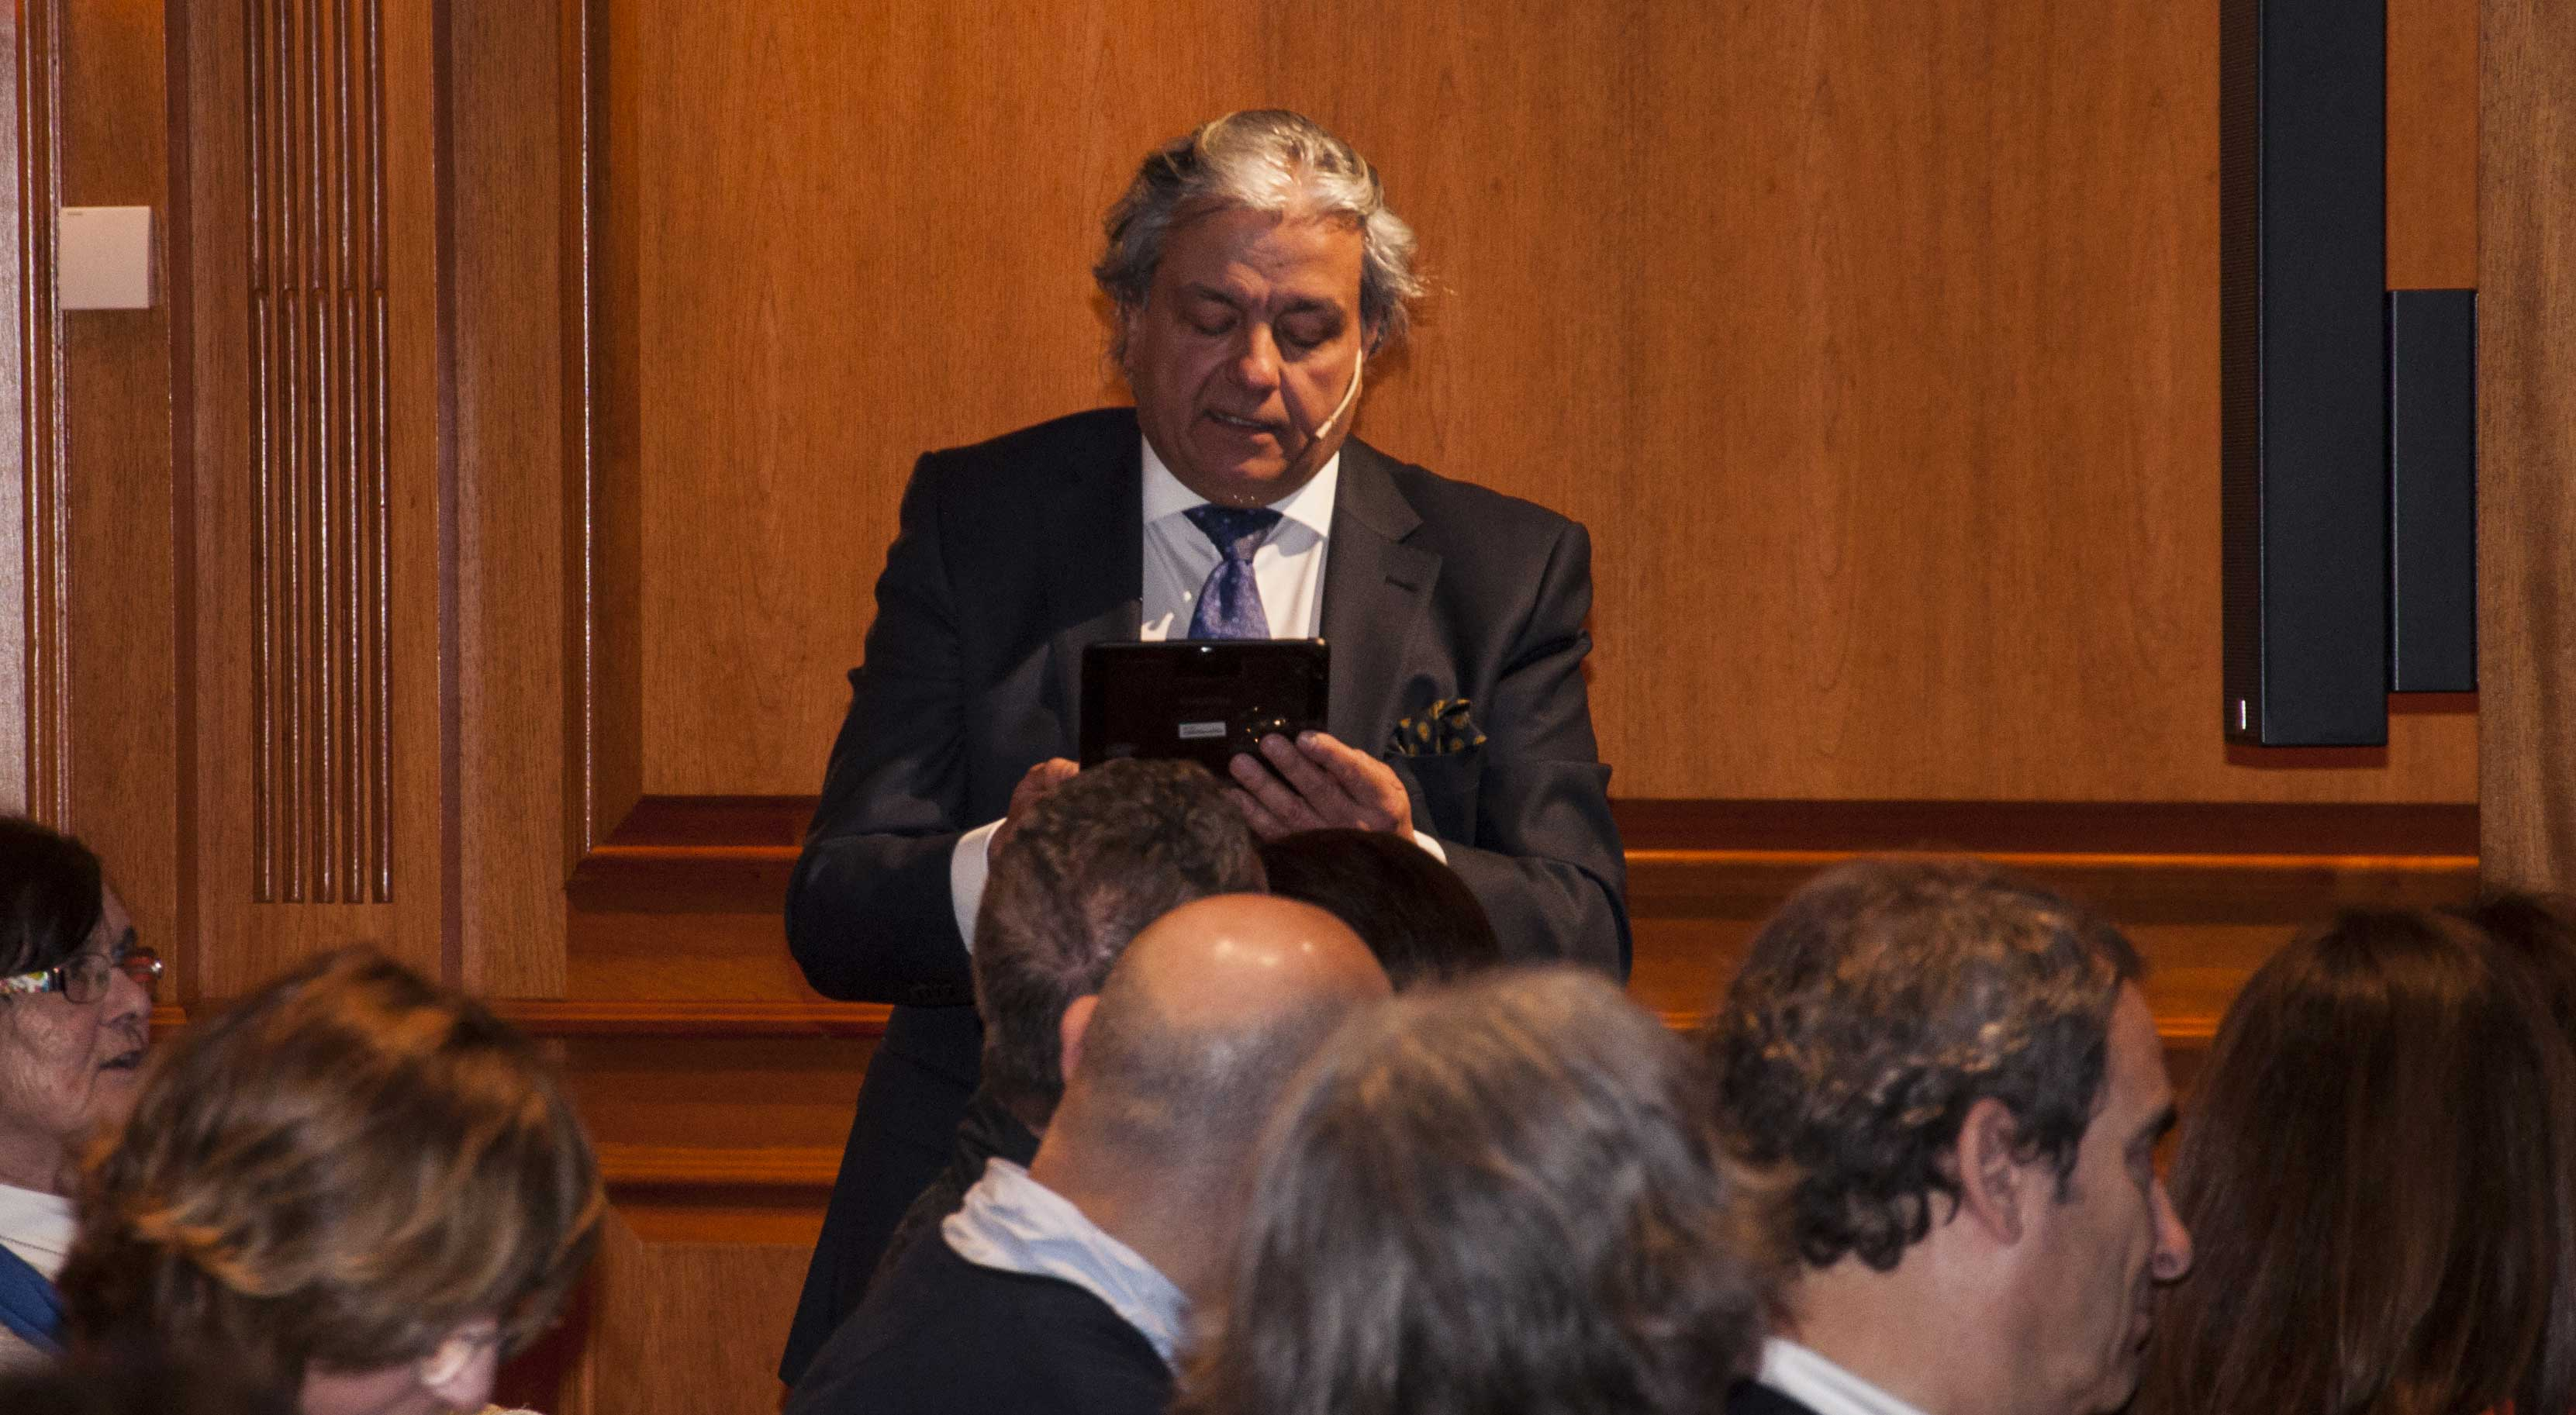 Alberto Closas recita versos de Antonio Machado.